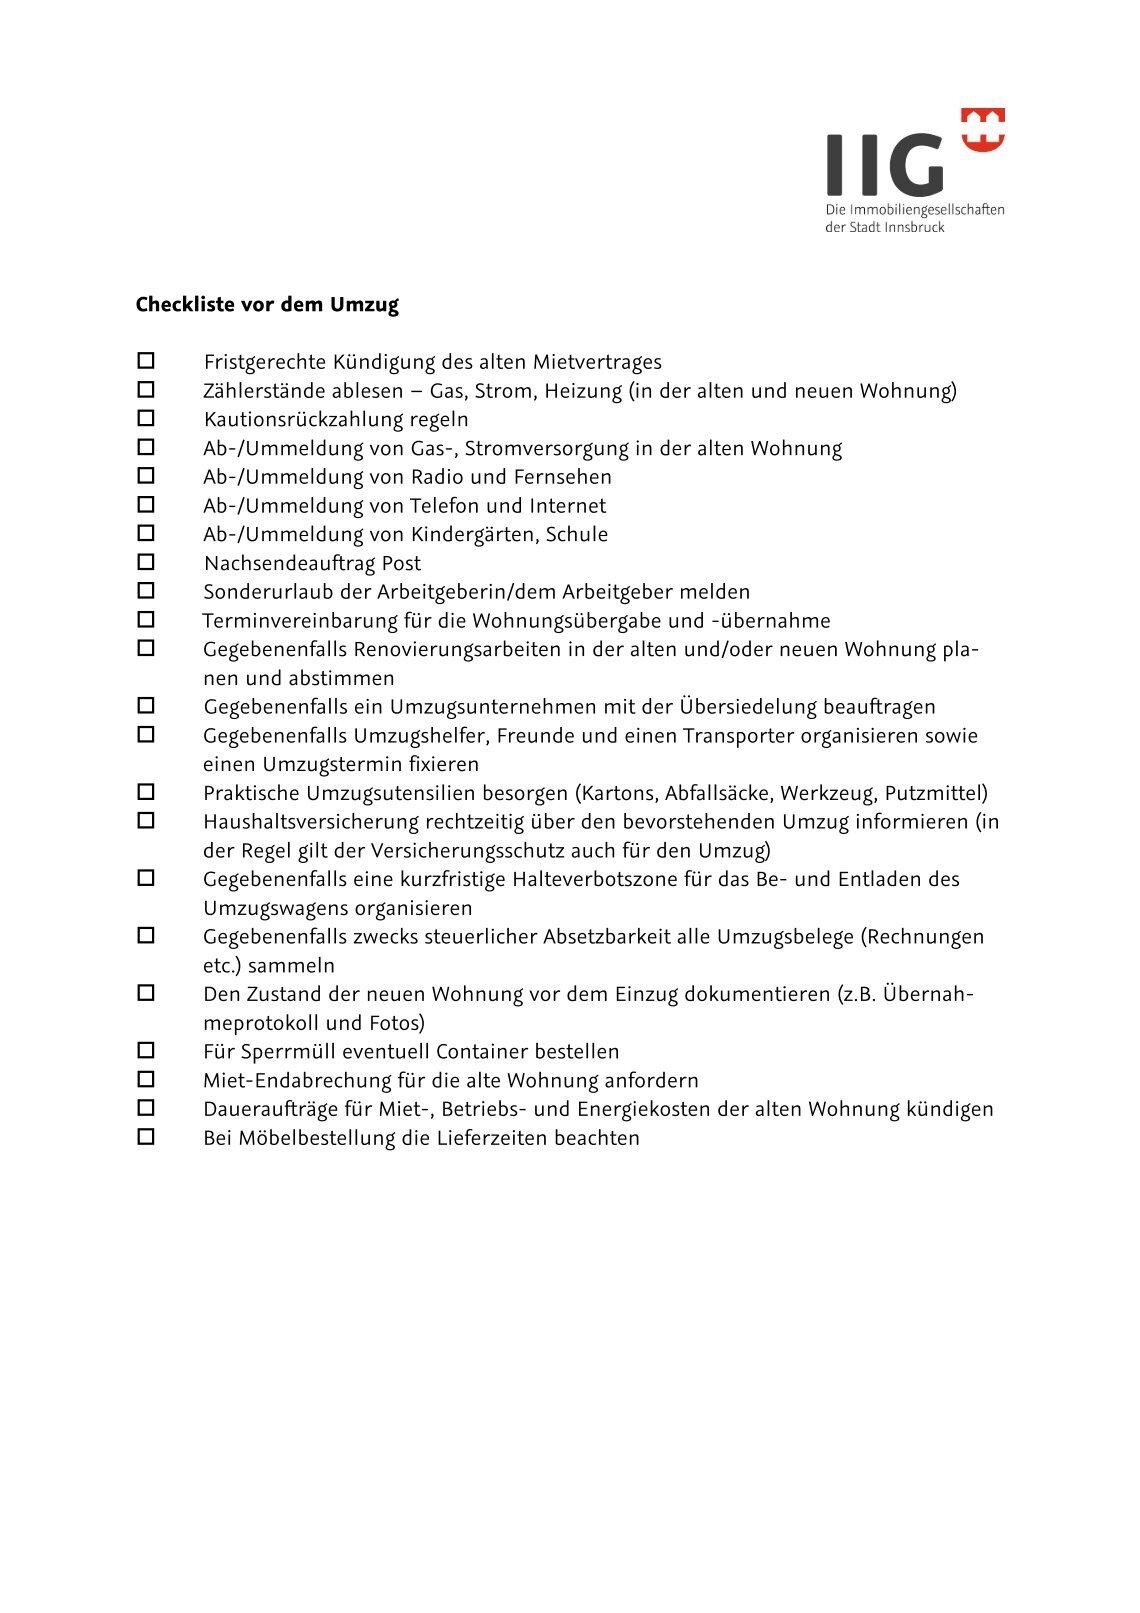 Schön Fortsetzen Bilder Beispiele Bilder - Entry Level Resume ...